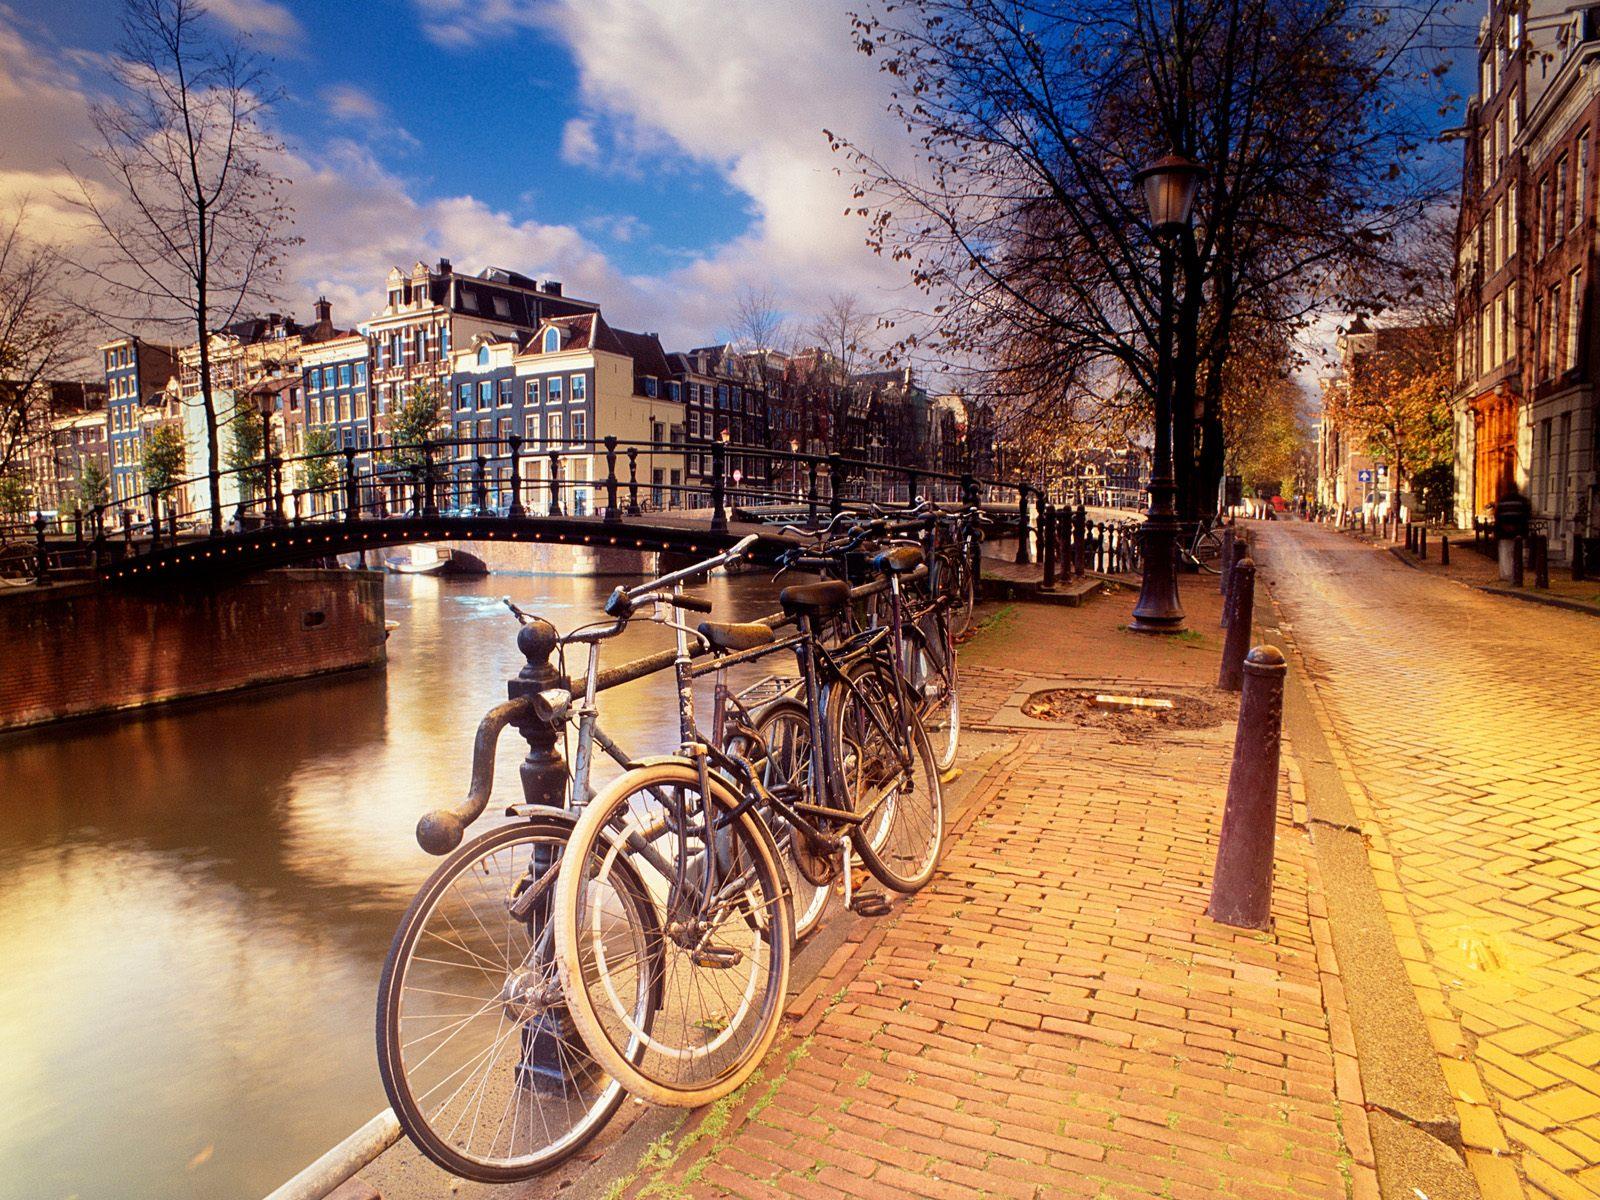 http://3.bp.blogspot.com/-cGZfF41G4zg/TefL_MF4YZI/AAAAAAAAAk4/ccFbkCgkut0/s1600/Noord-Holland+Province%252C+Amsterdam%252C+The+Netherlands.jpg